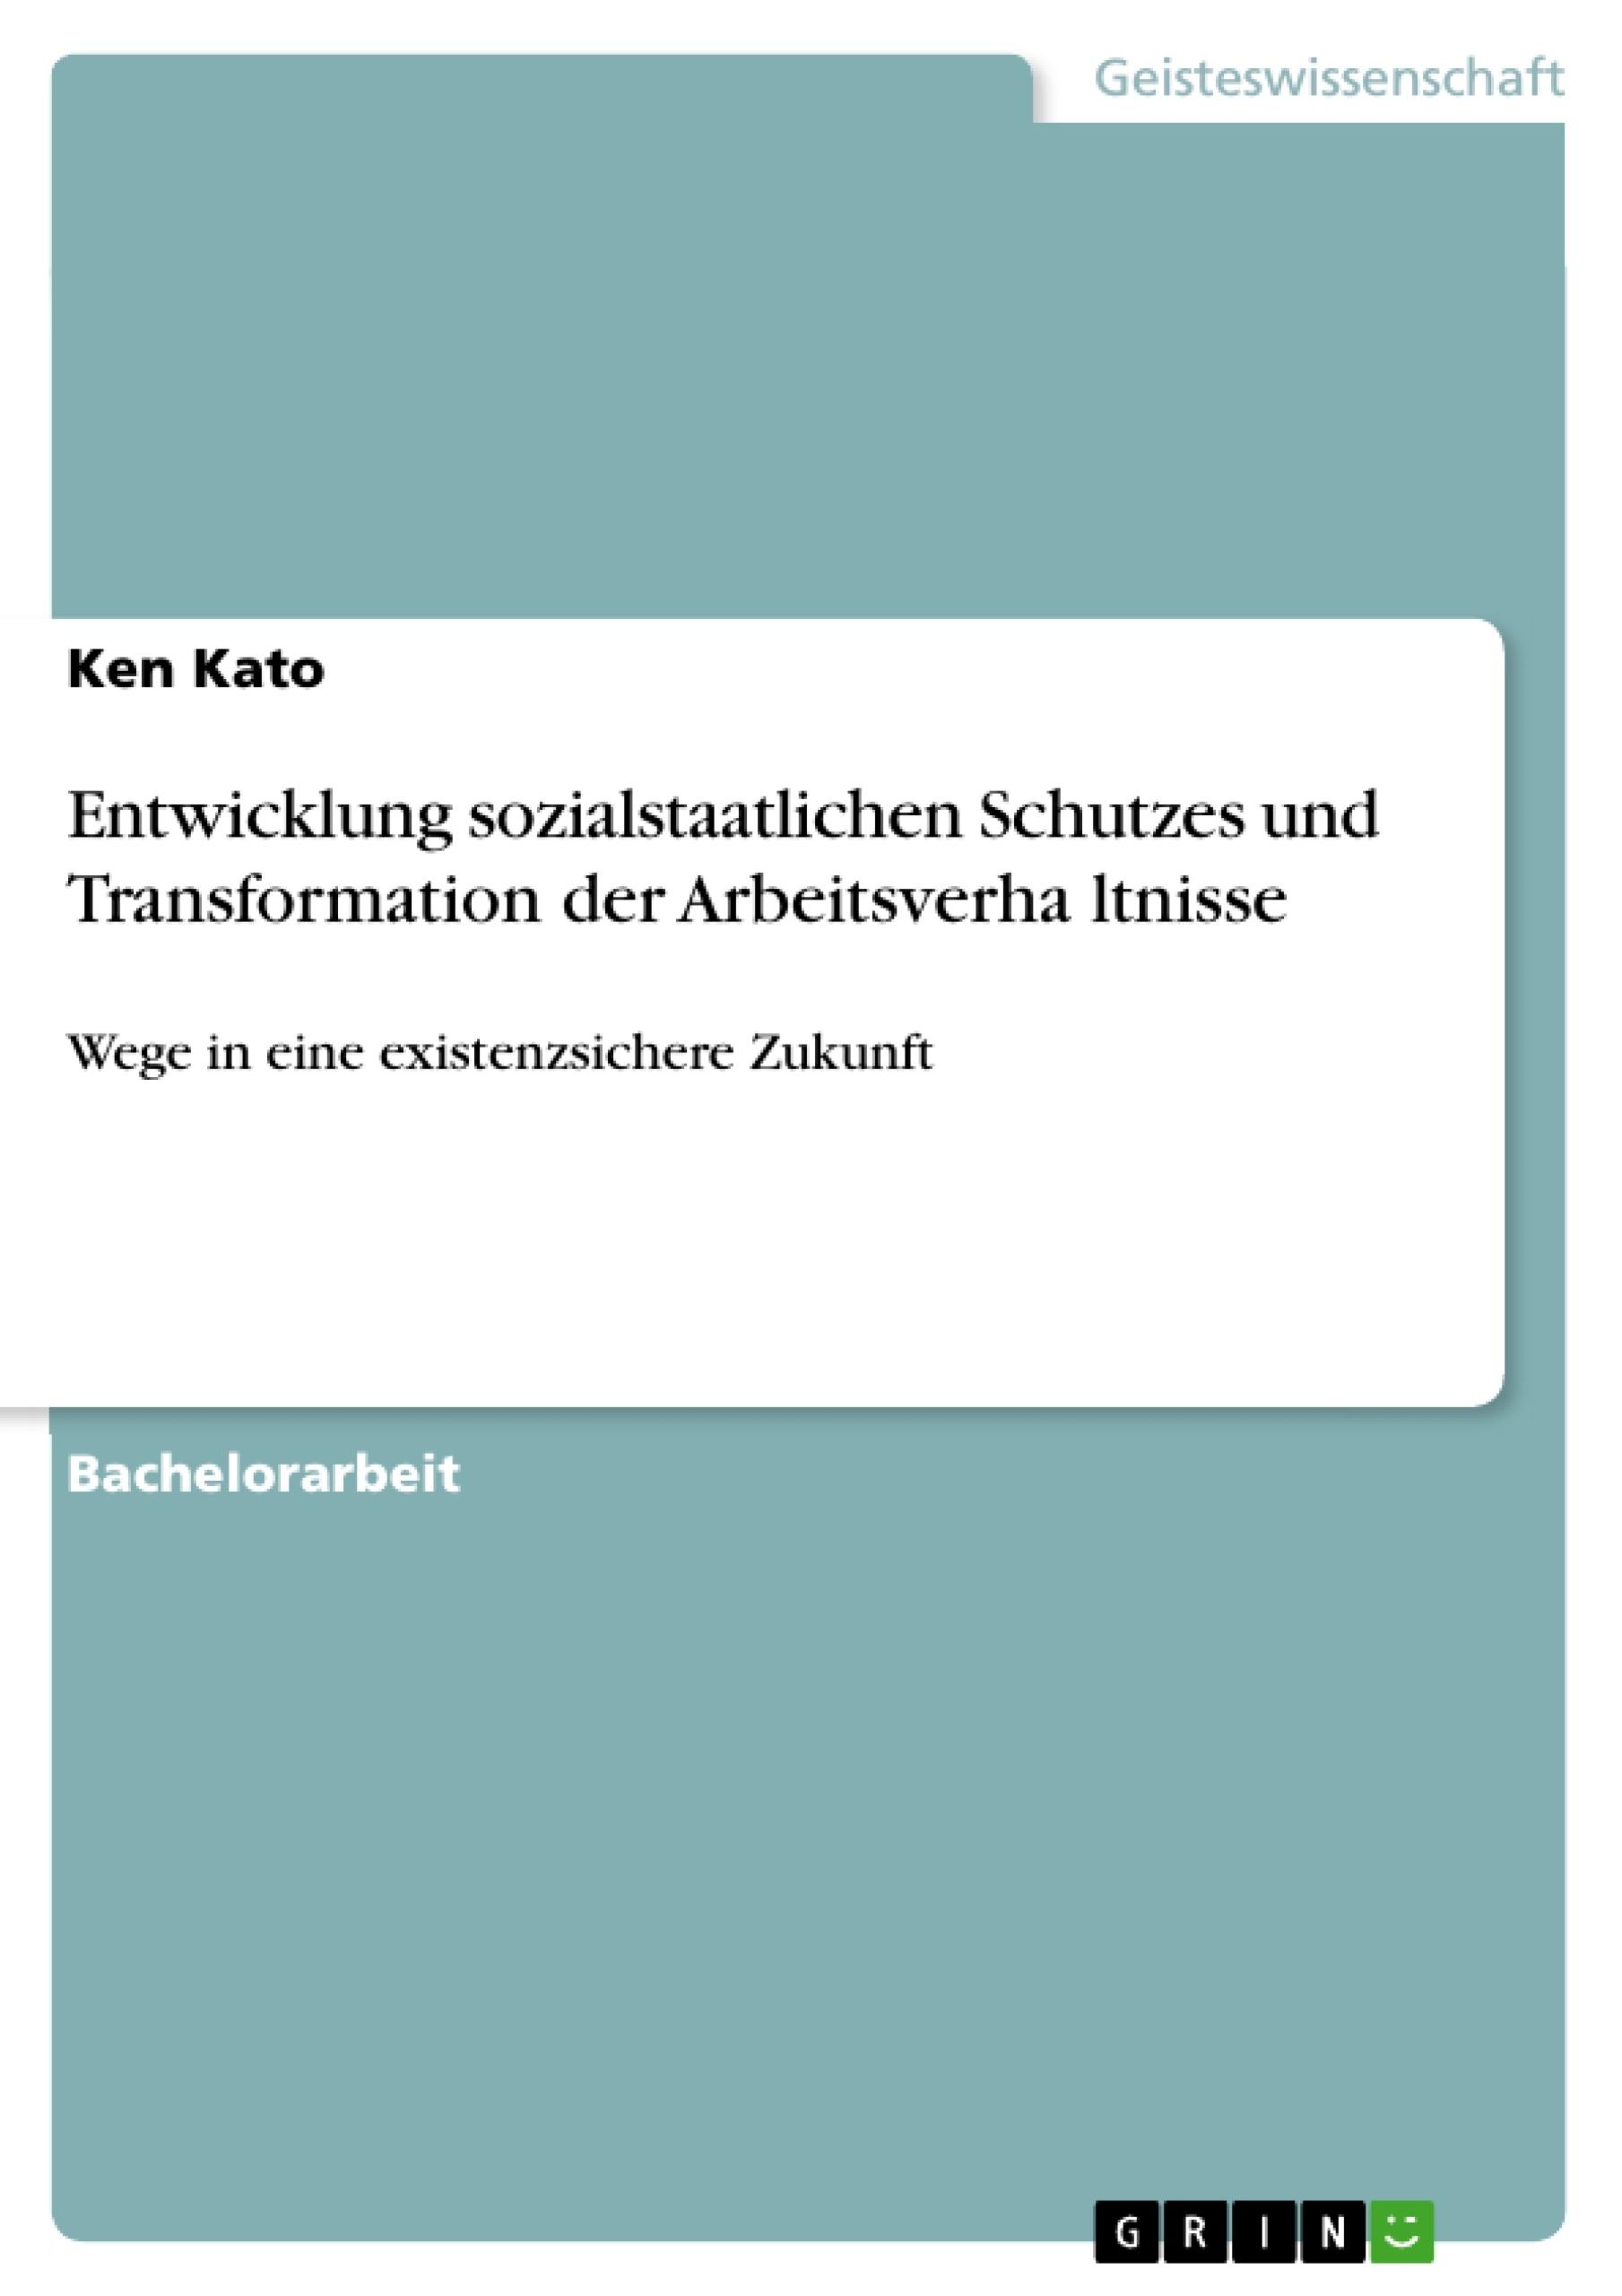 Titel: Entwicklung sozialstaatlichen Schutzes und Transformation der Arbeitsverhältnisse